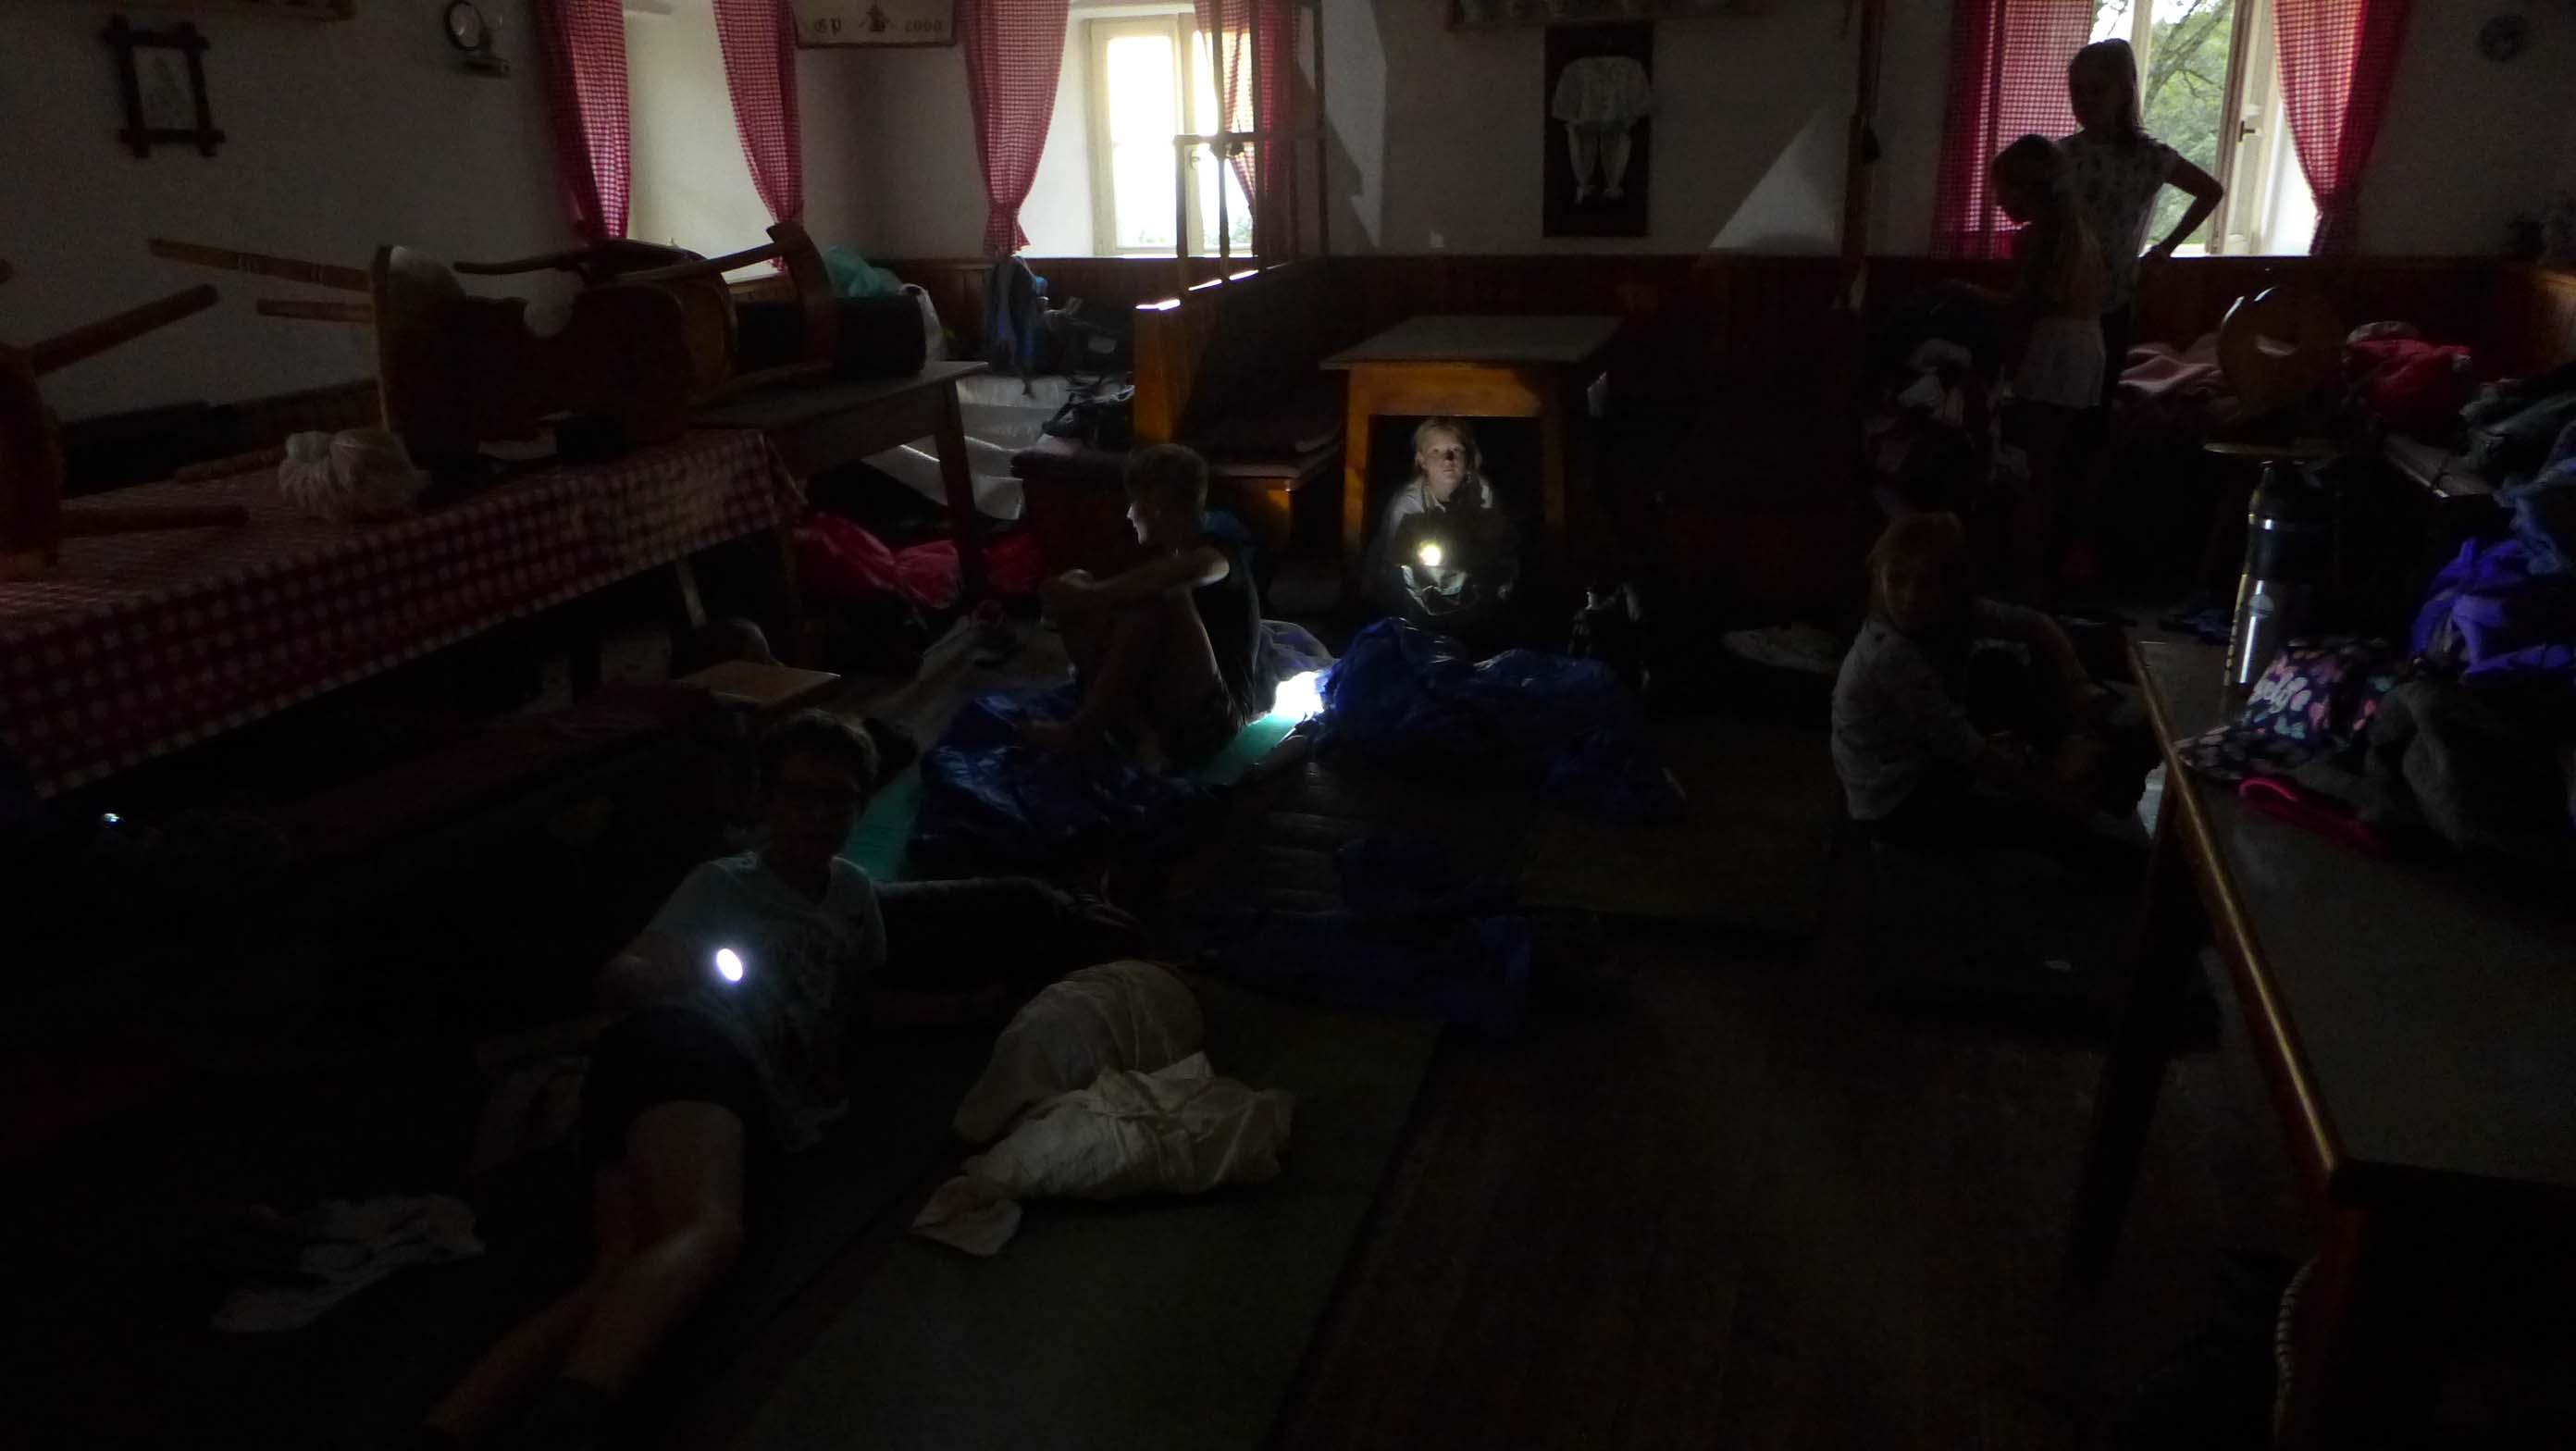 ... aber das Schlafen unter Tischen und Bänken in der Gaststube und im Trockenen war auch seeehr lustig - währenddessen es draußen pritschelte, blitzte und donnerte!